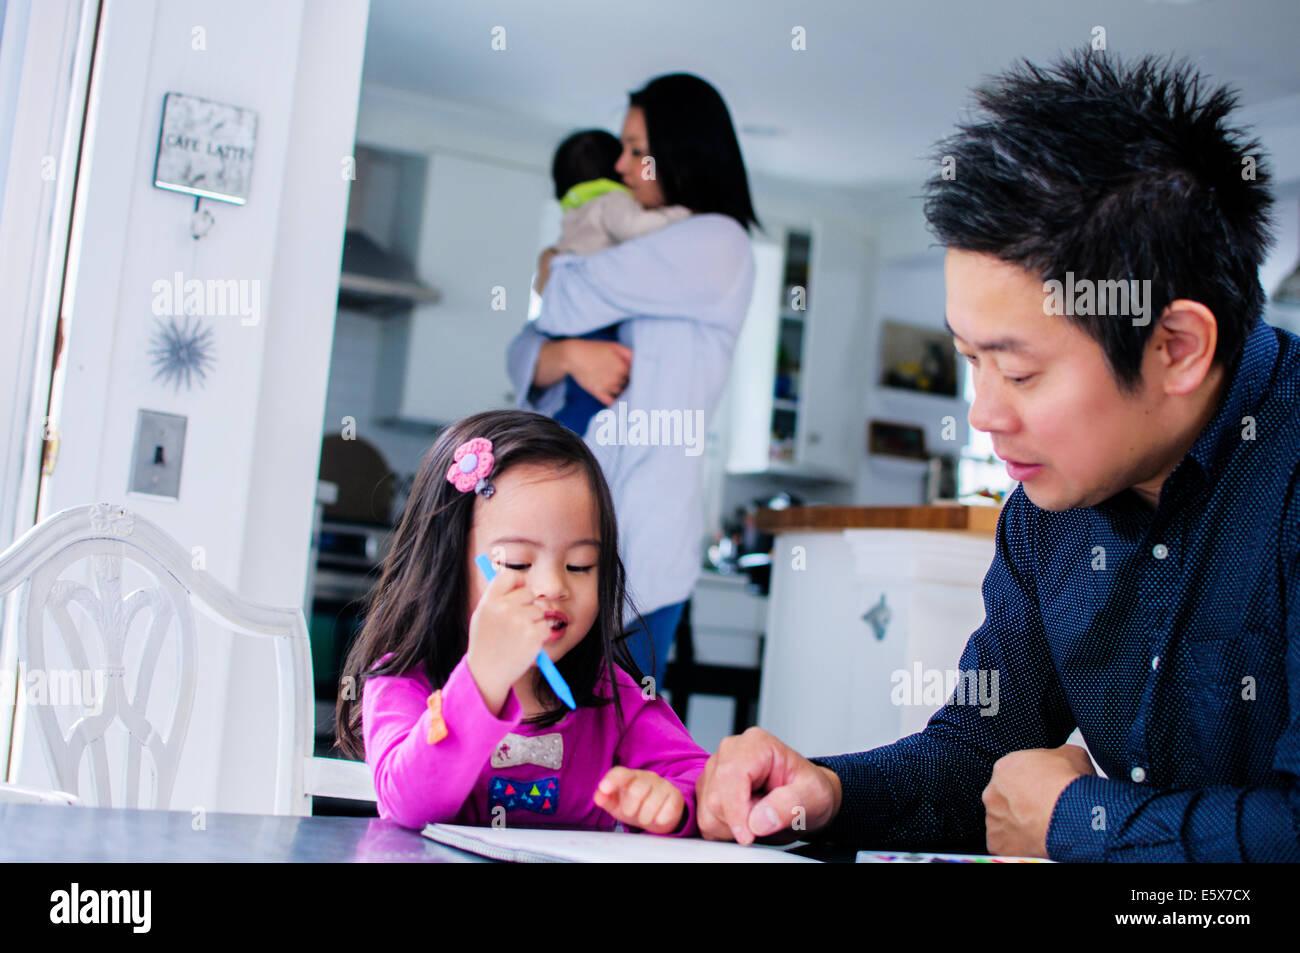 Mitte adult Vater Unterricht Kleinkind Tochter in Küche Stockbild